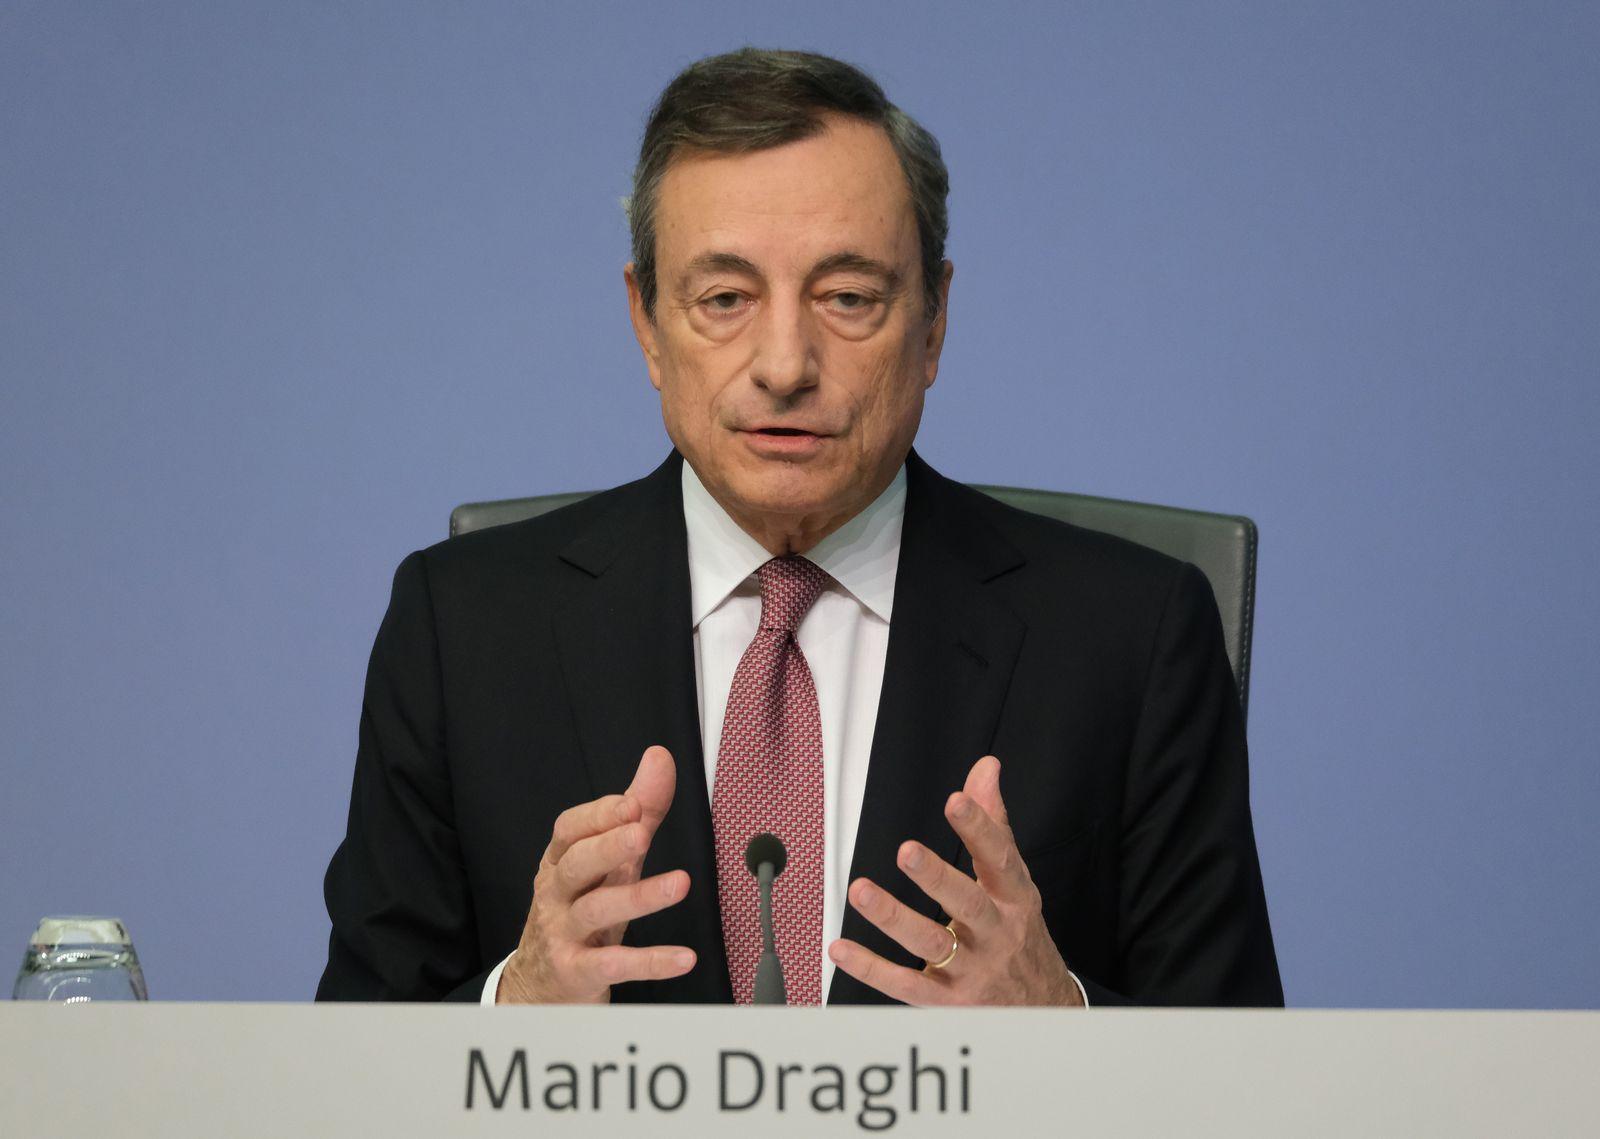 Mario Draghi/ EZB/ Frankfurt